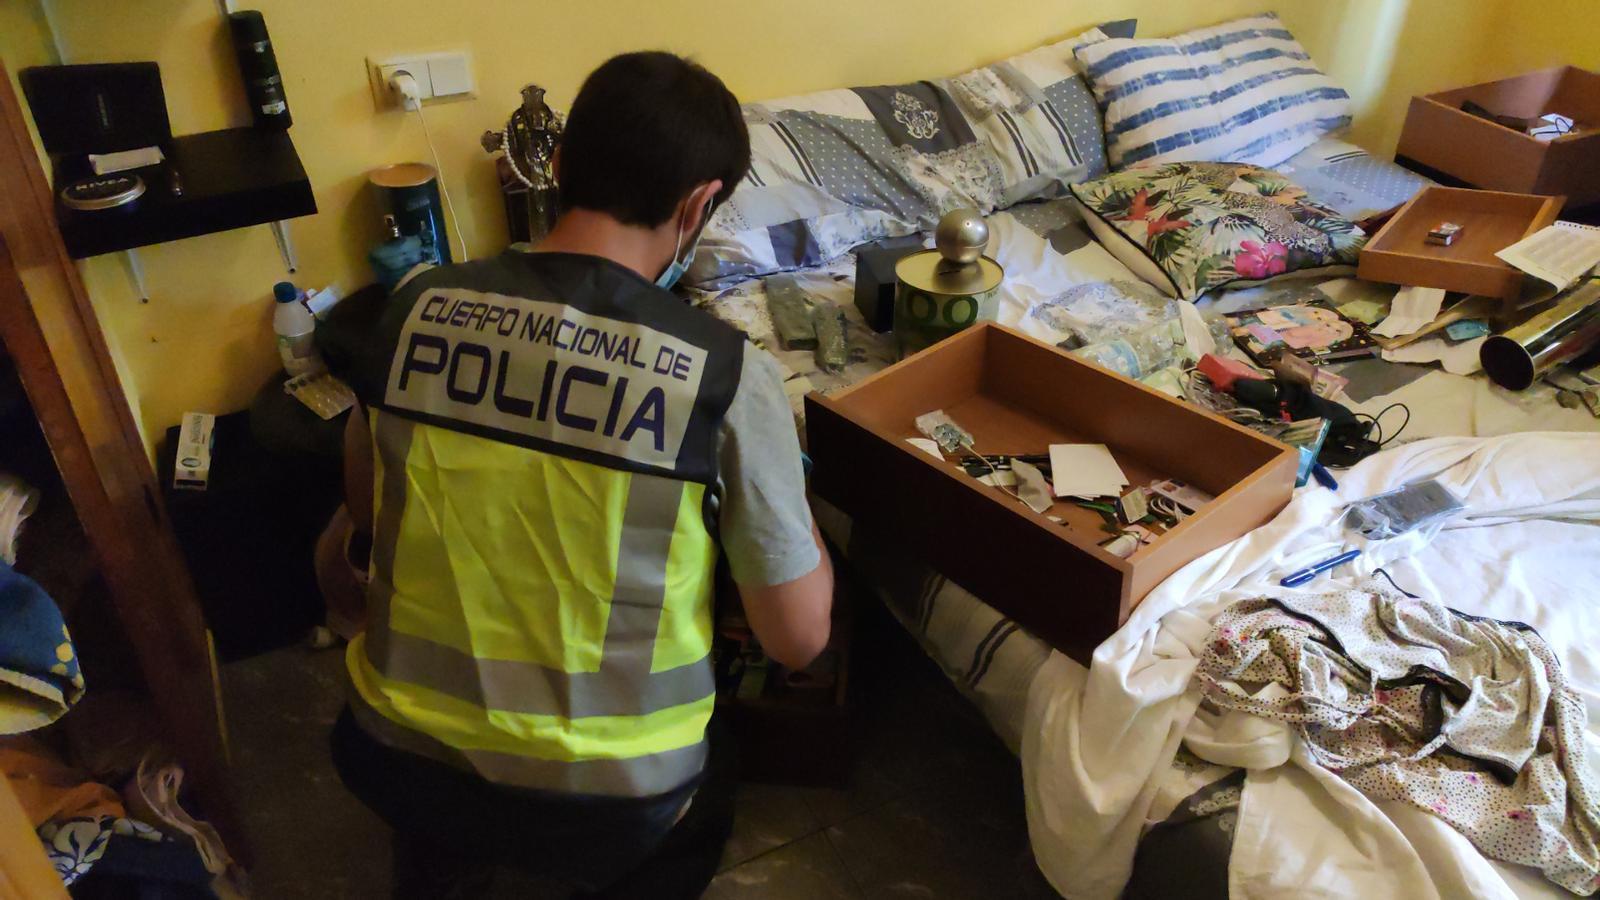 El grup de carteristes que van detenir a Palma van acumular en 10 anys 12,5 milions d'euros